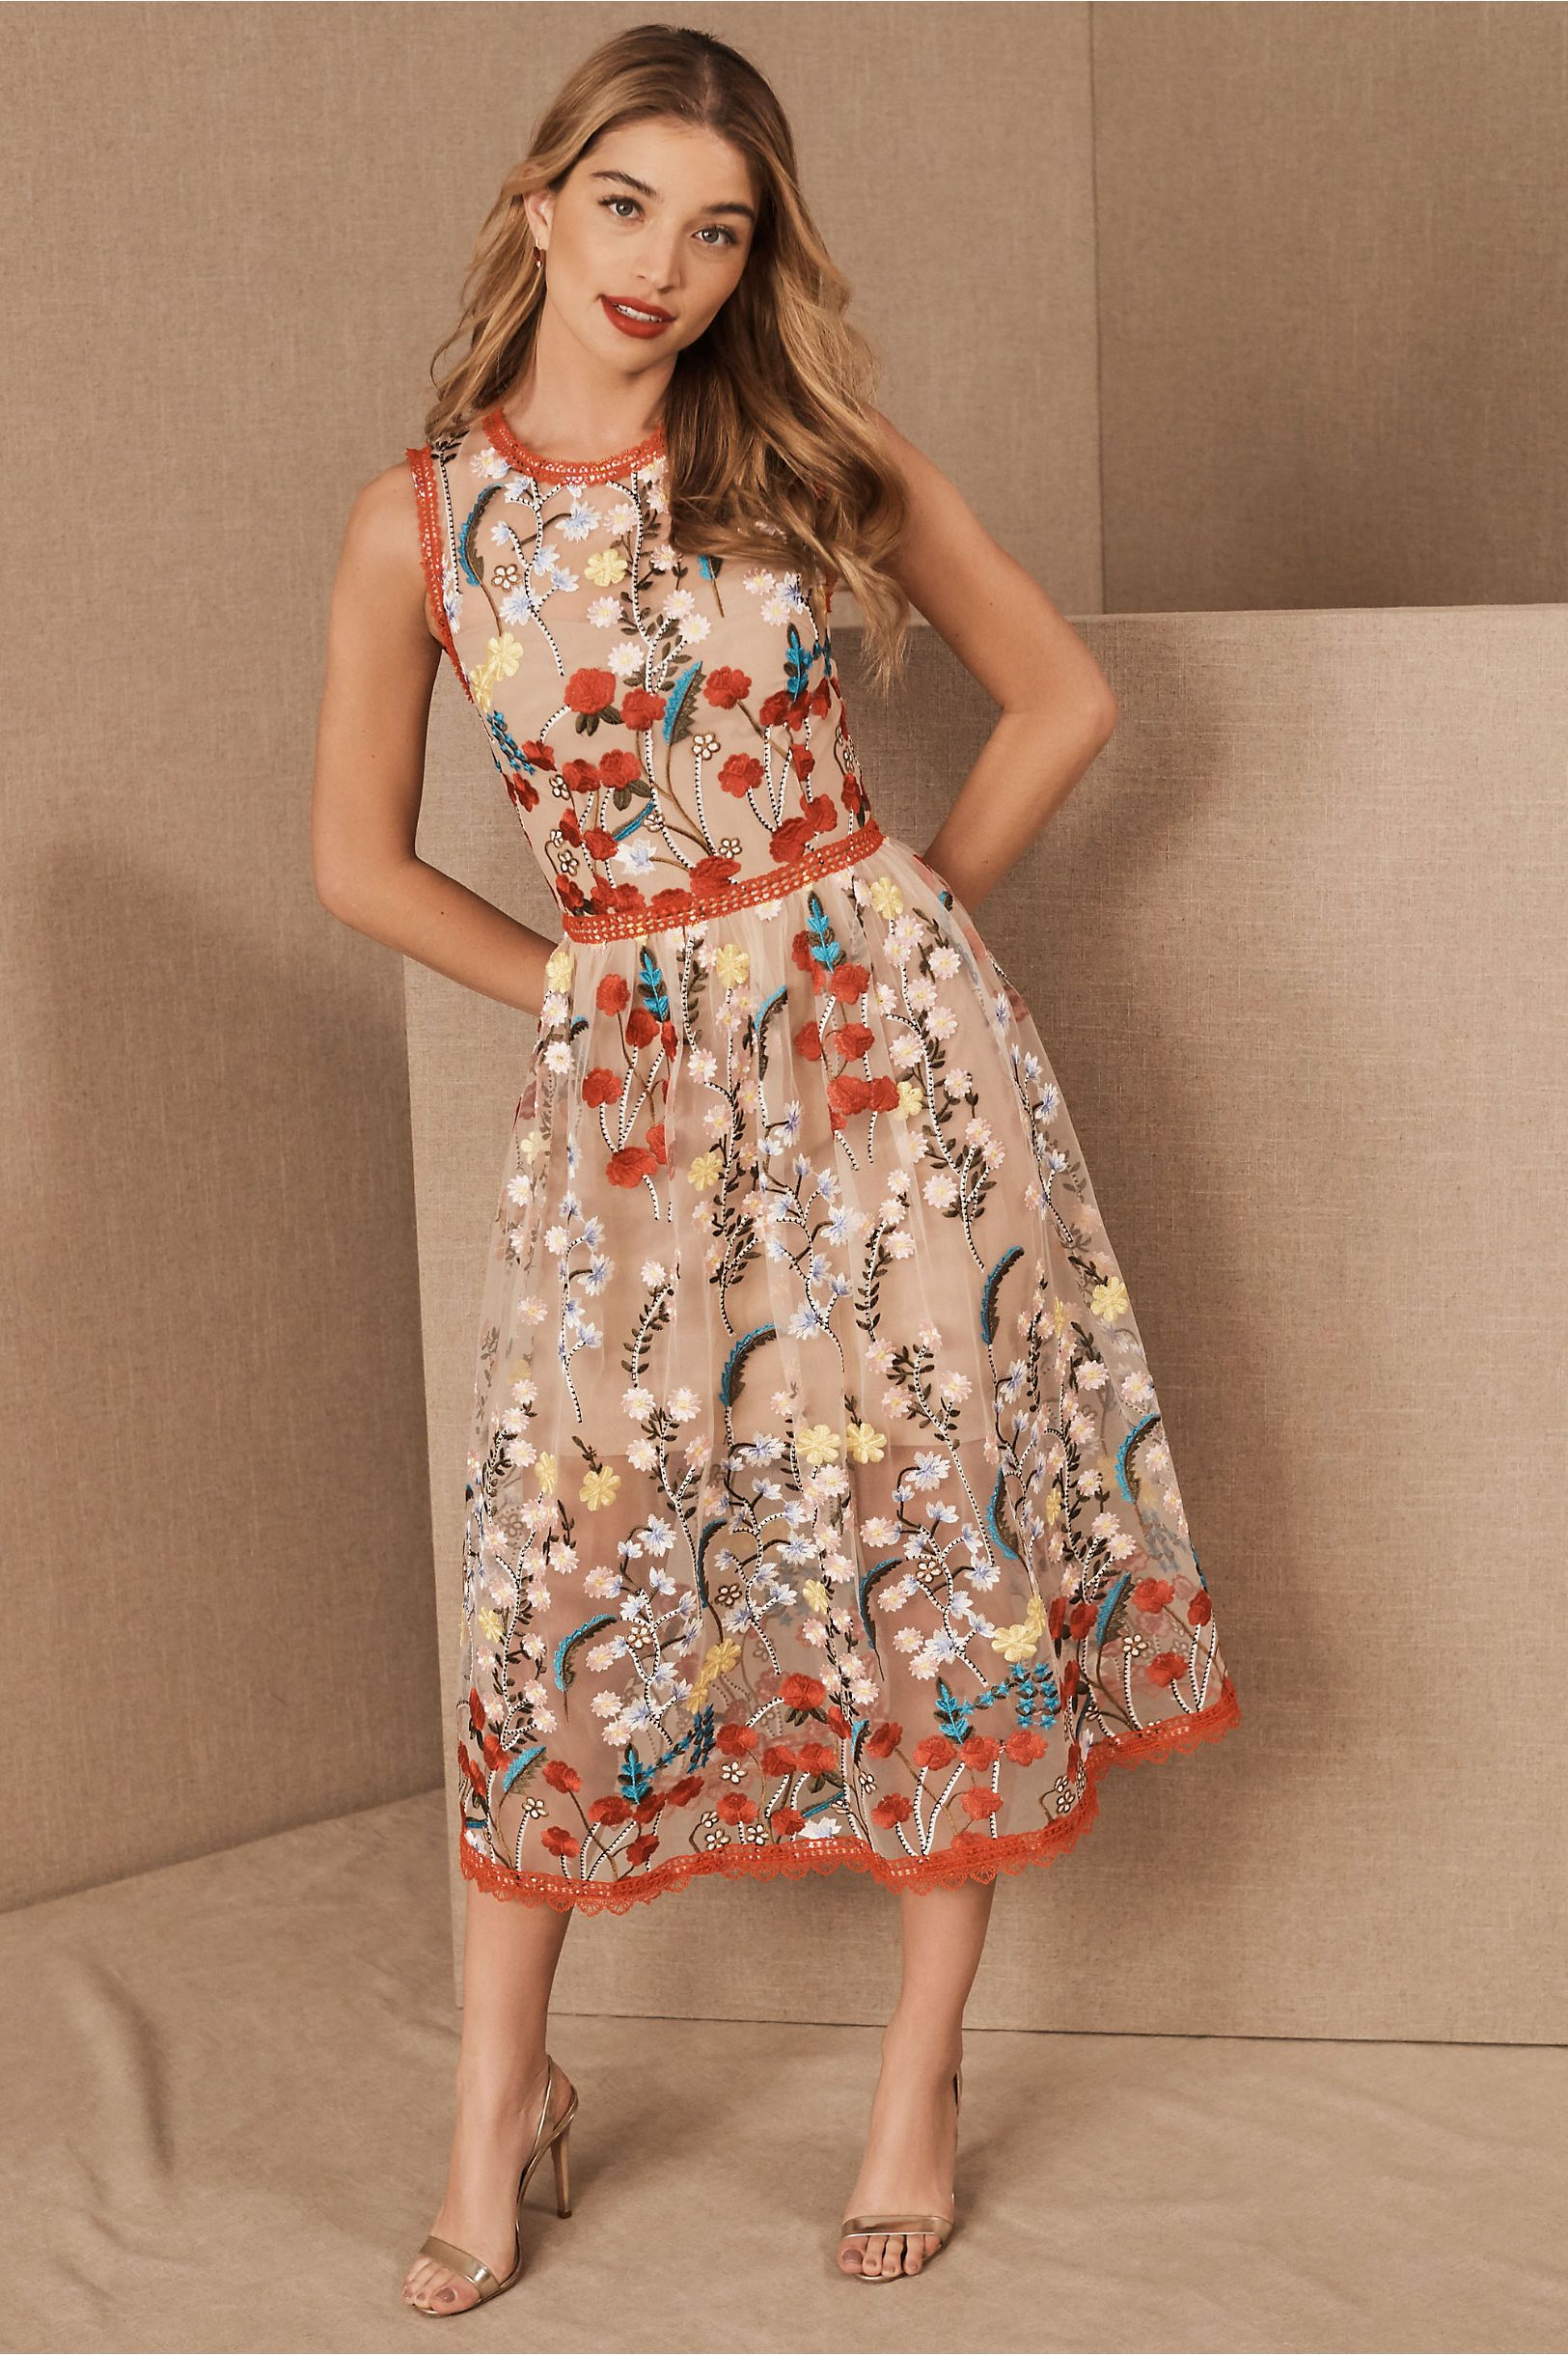 Bronx Banco Amala Dress In 2020 Evening Dresses Elegant Evening Gowns Elegant Floral Dress Summer